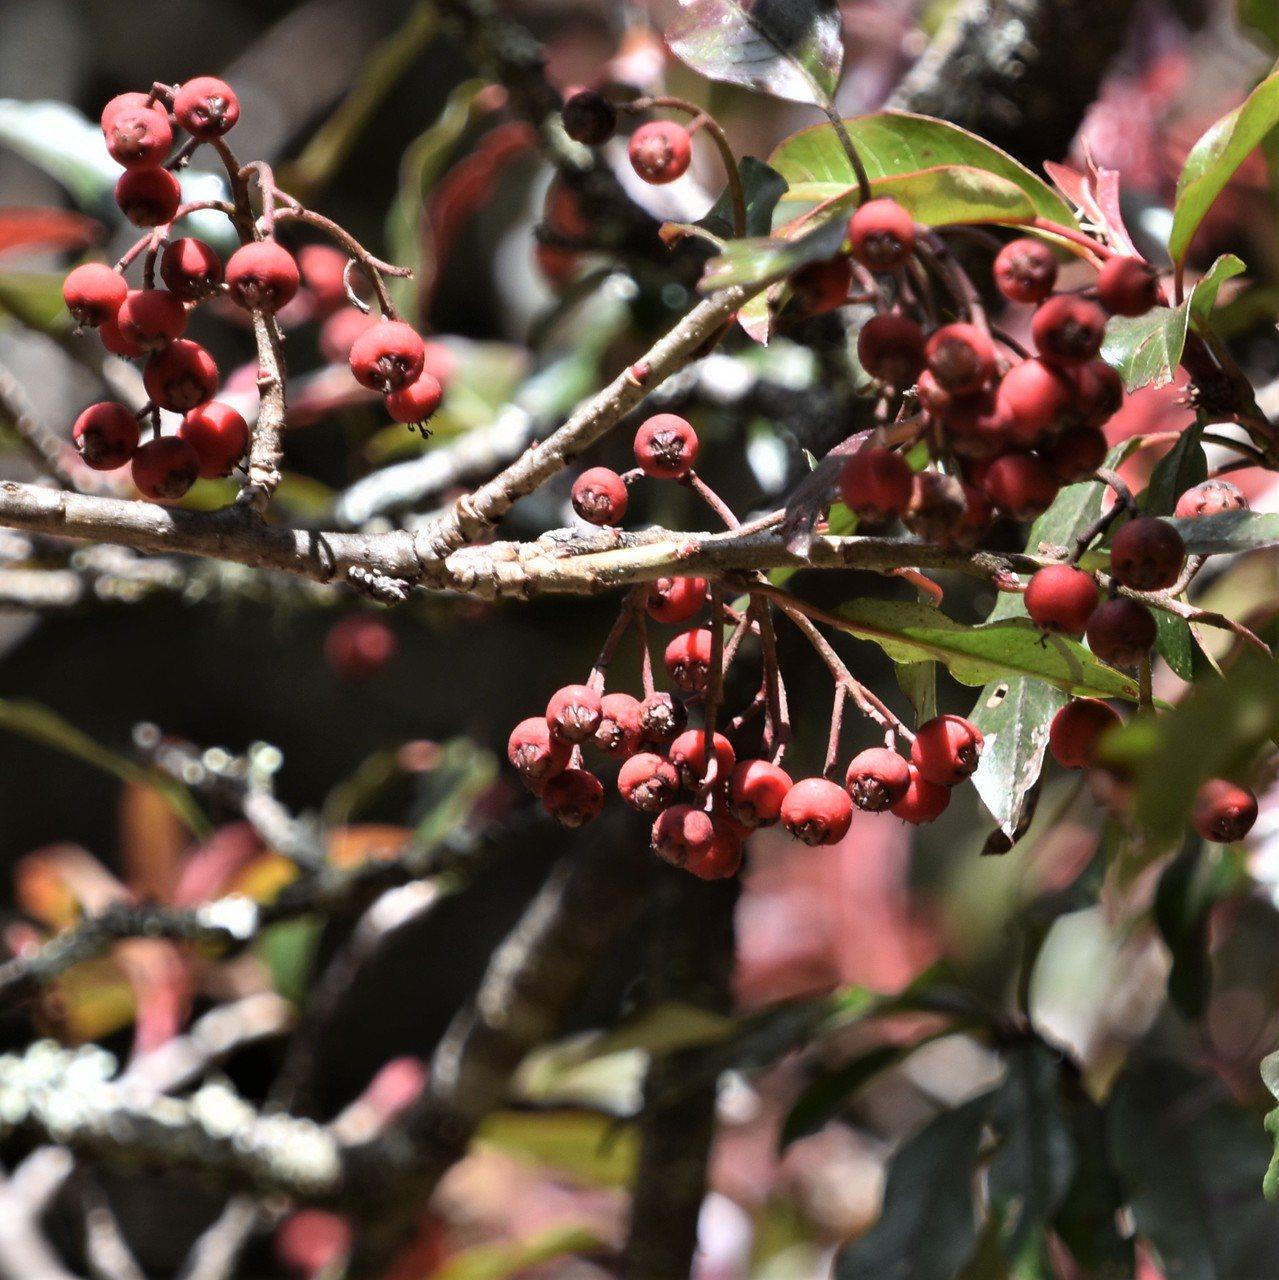 滿樹鮮红的玉山假沙梨果實今年顕得稀疏,枝頭也不見金翼白眉爭食。 圖/沈正柔 提供